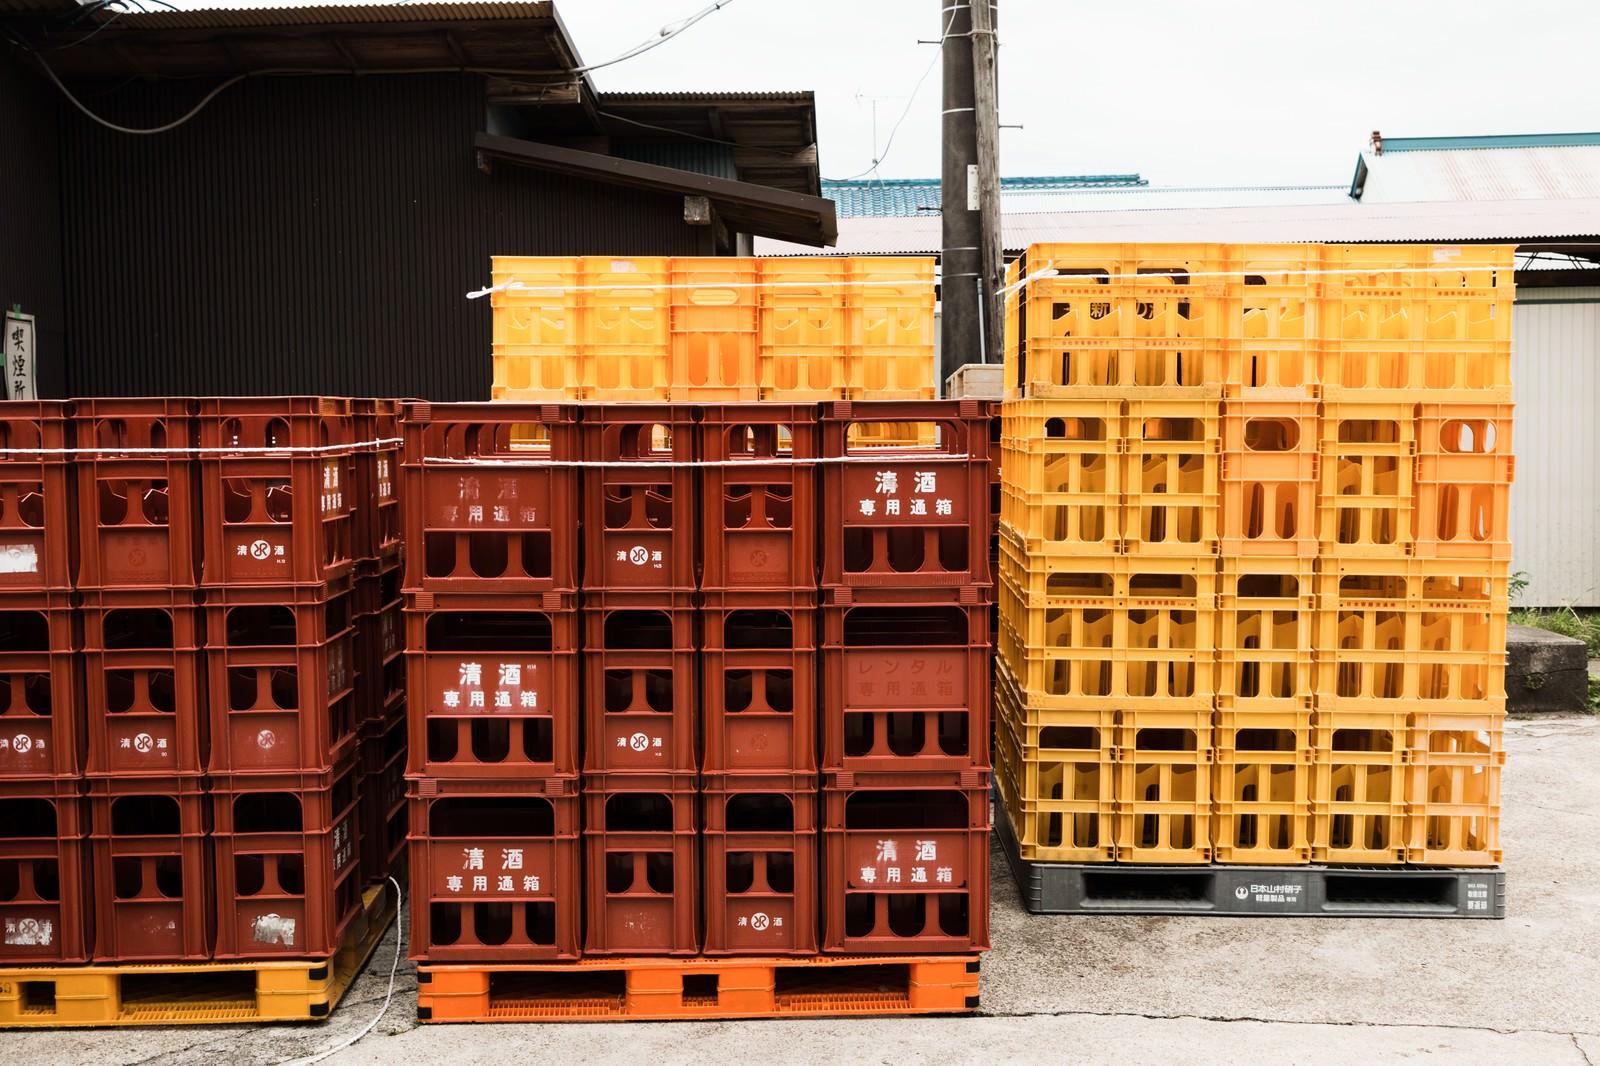 「積み上げられた日本酒ケース」の写真